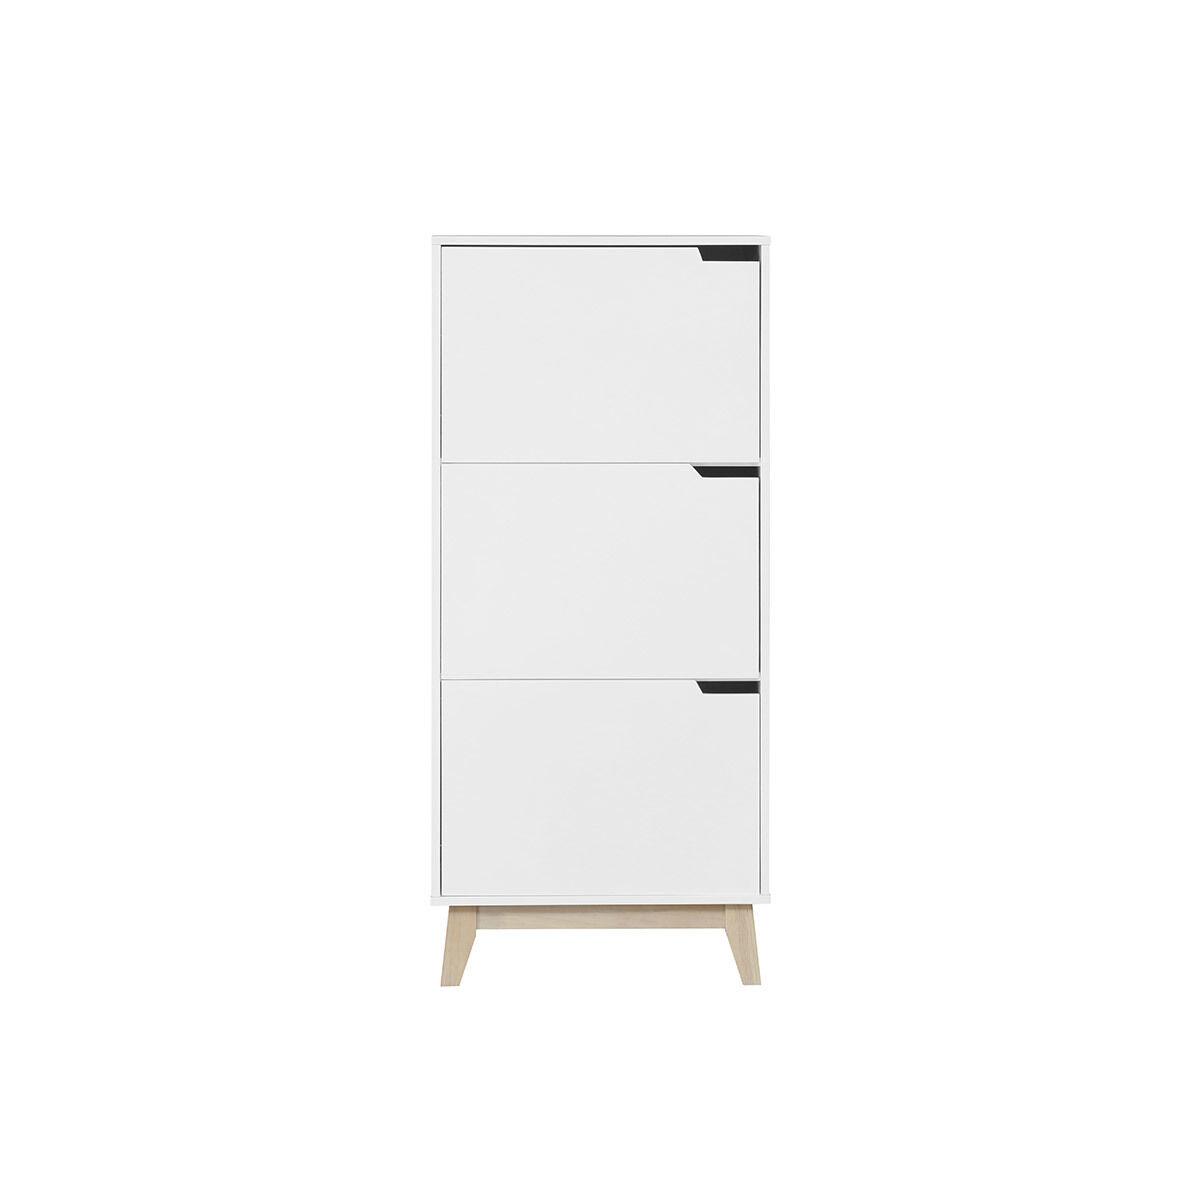 Miliboo Mobile per riporre i propri oggetti, di design, colore: Bianco, 3 ante, modello: LEENA-